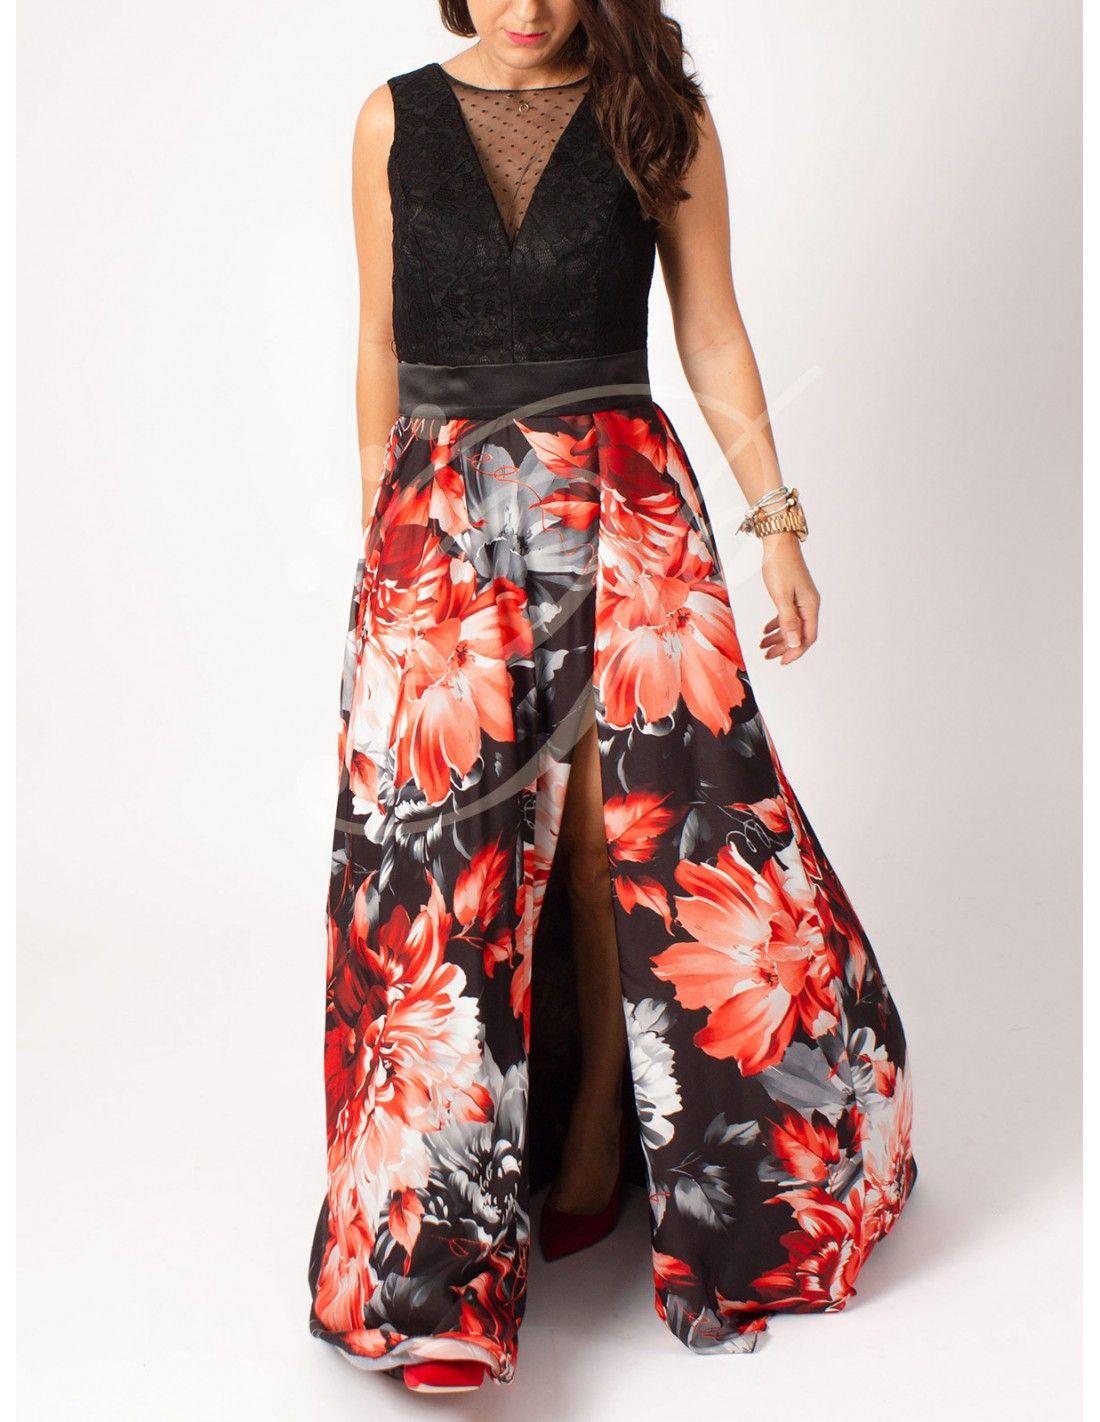 Vestido Boa - Vestido largo con cuerpo color negro de encaje y falda con  fondo negro 87010a0a2b55